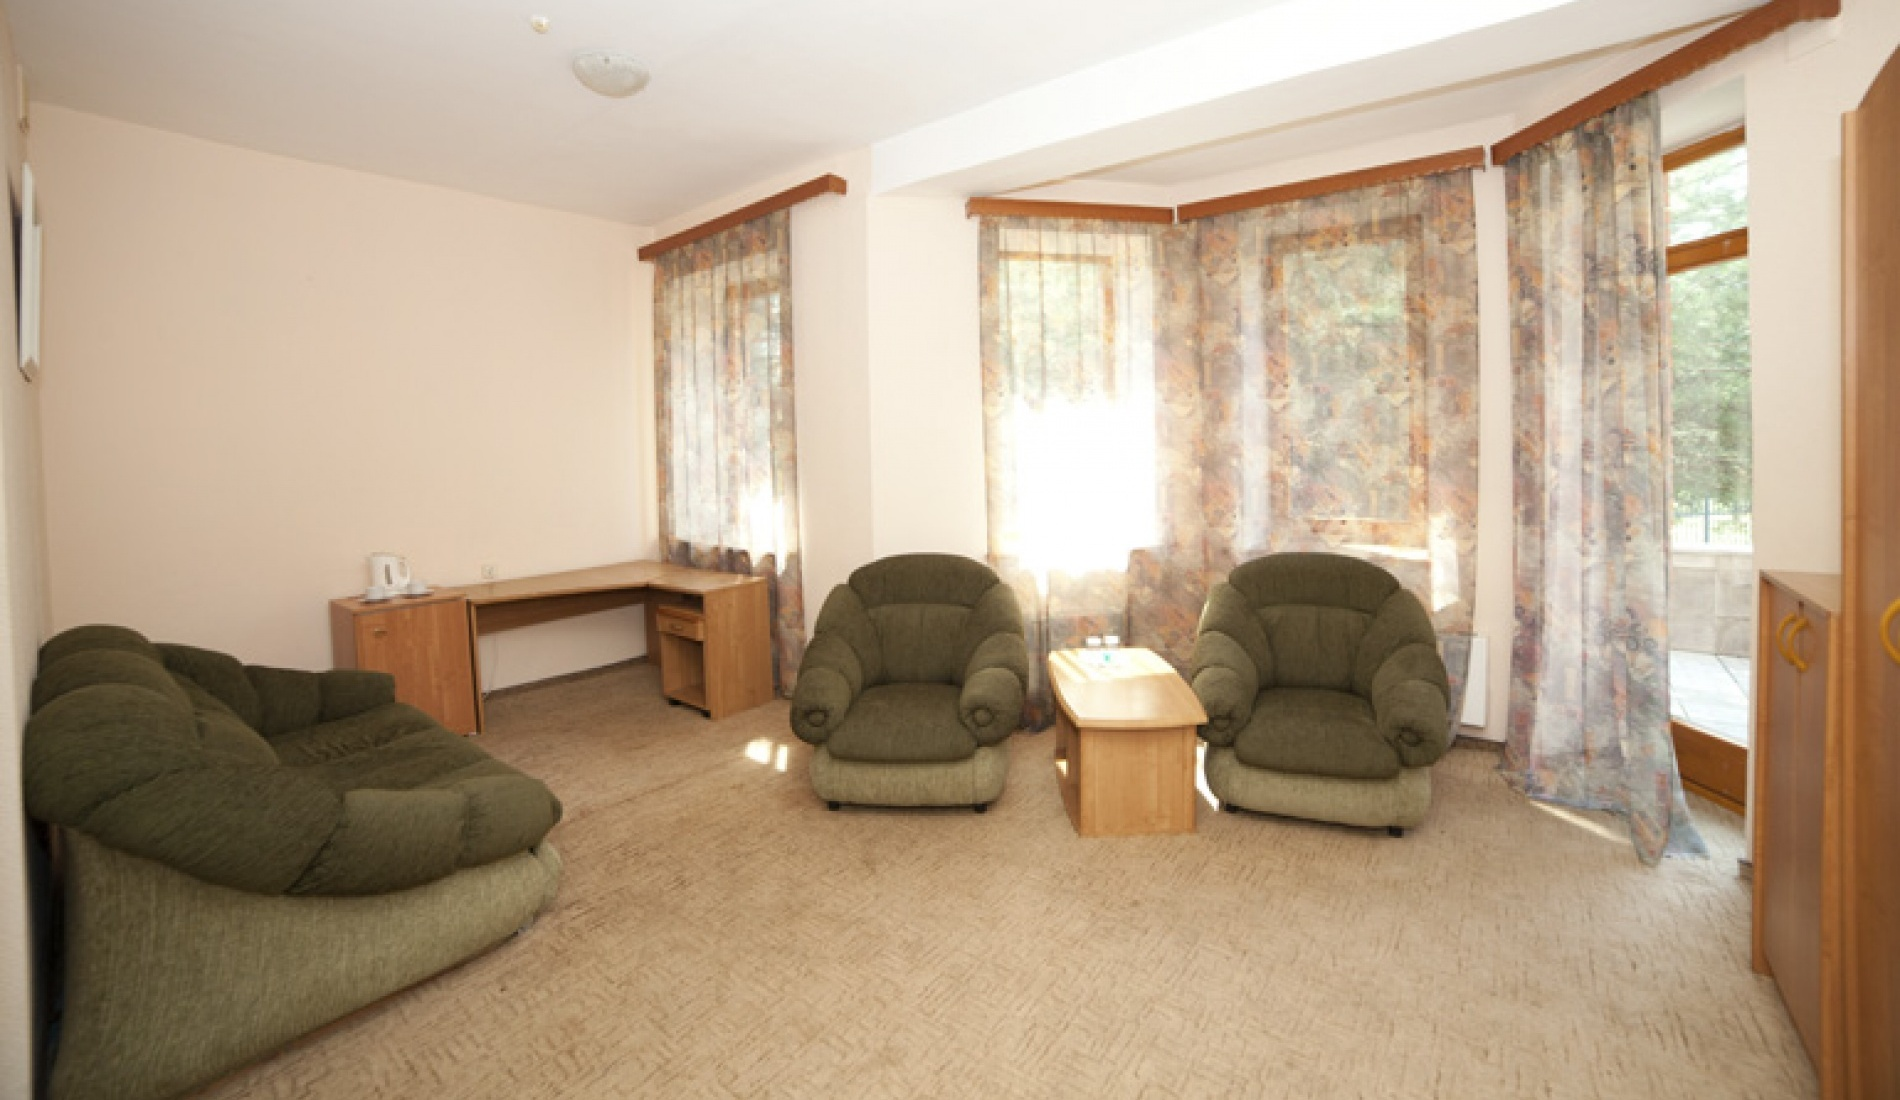 База отдыха «Улыбка» Белгородская область Номер «Люкс 2-комнатный с джакузи» в коттедже, фото 4